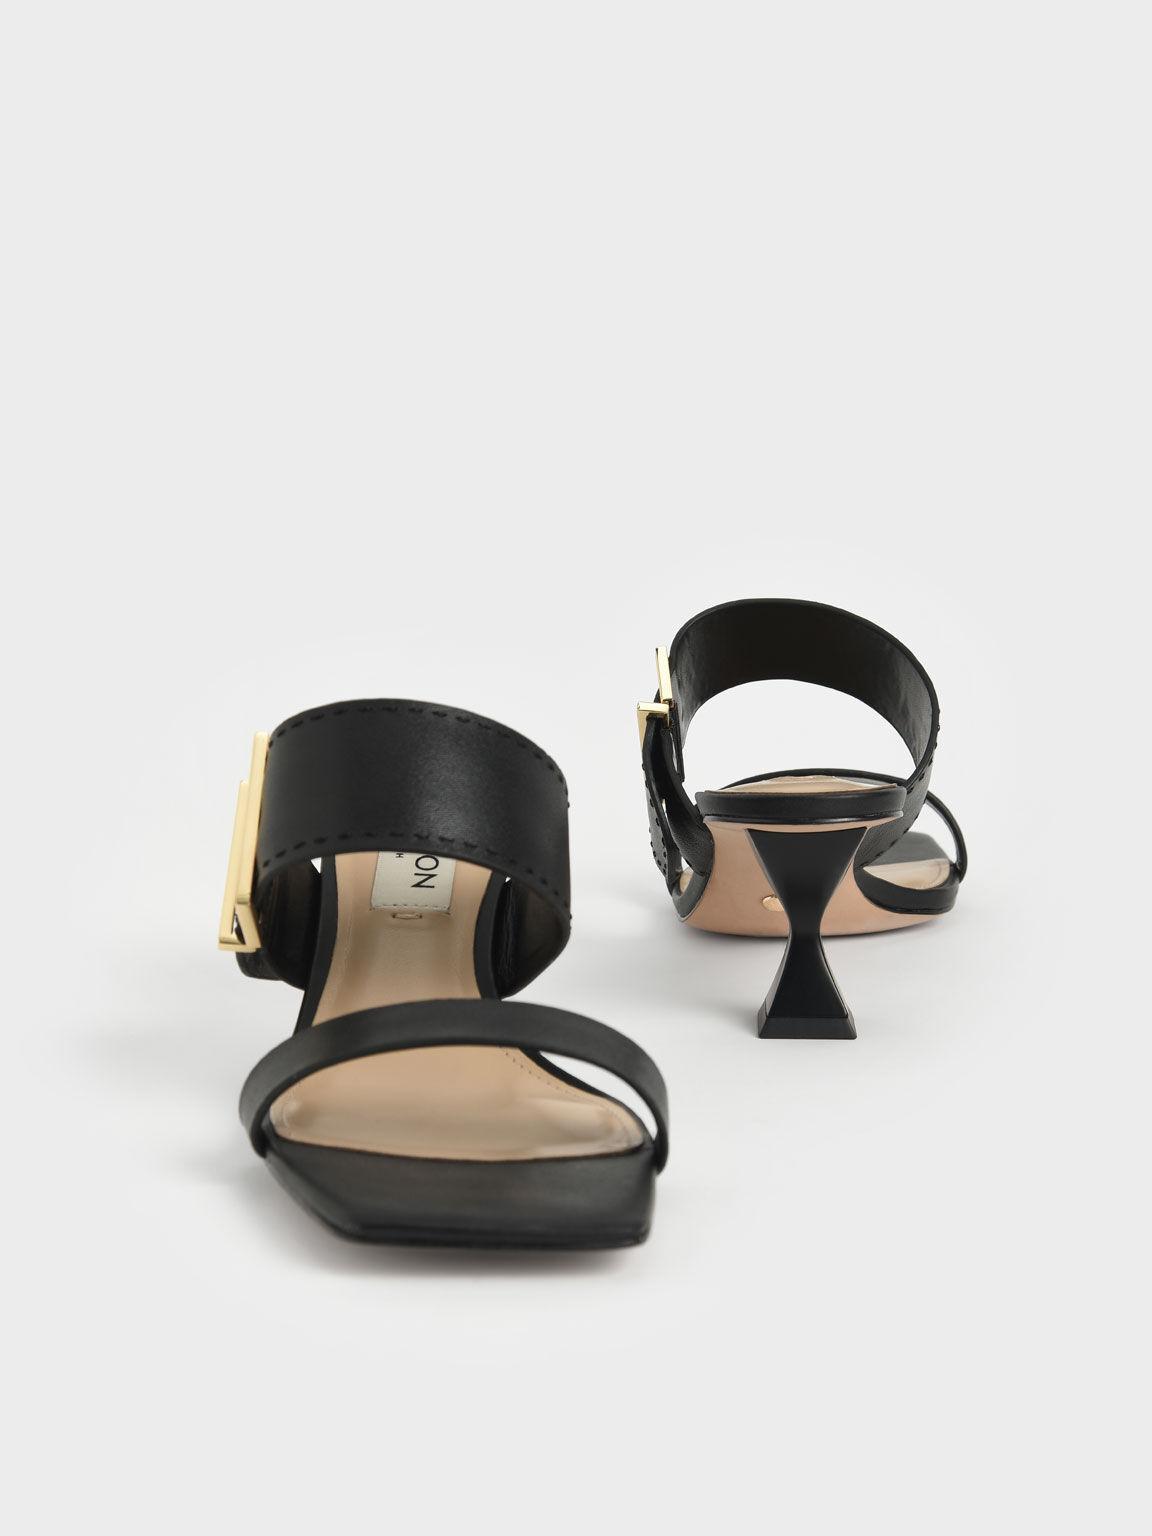 Leather Metallic Buckle Spool Heel Mules, Black, hi-res